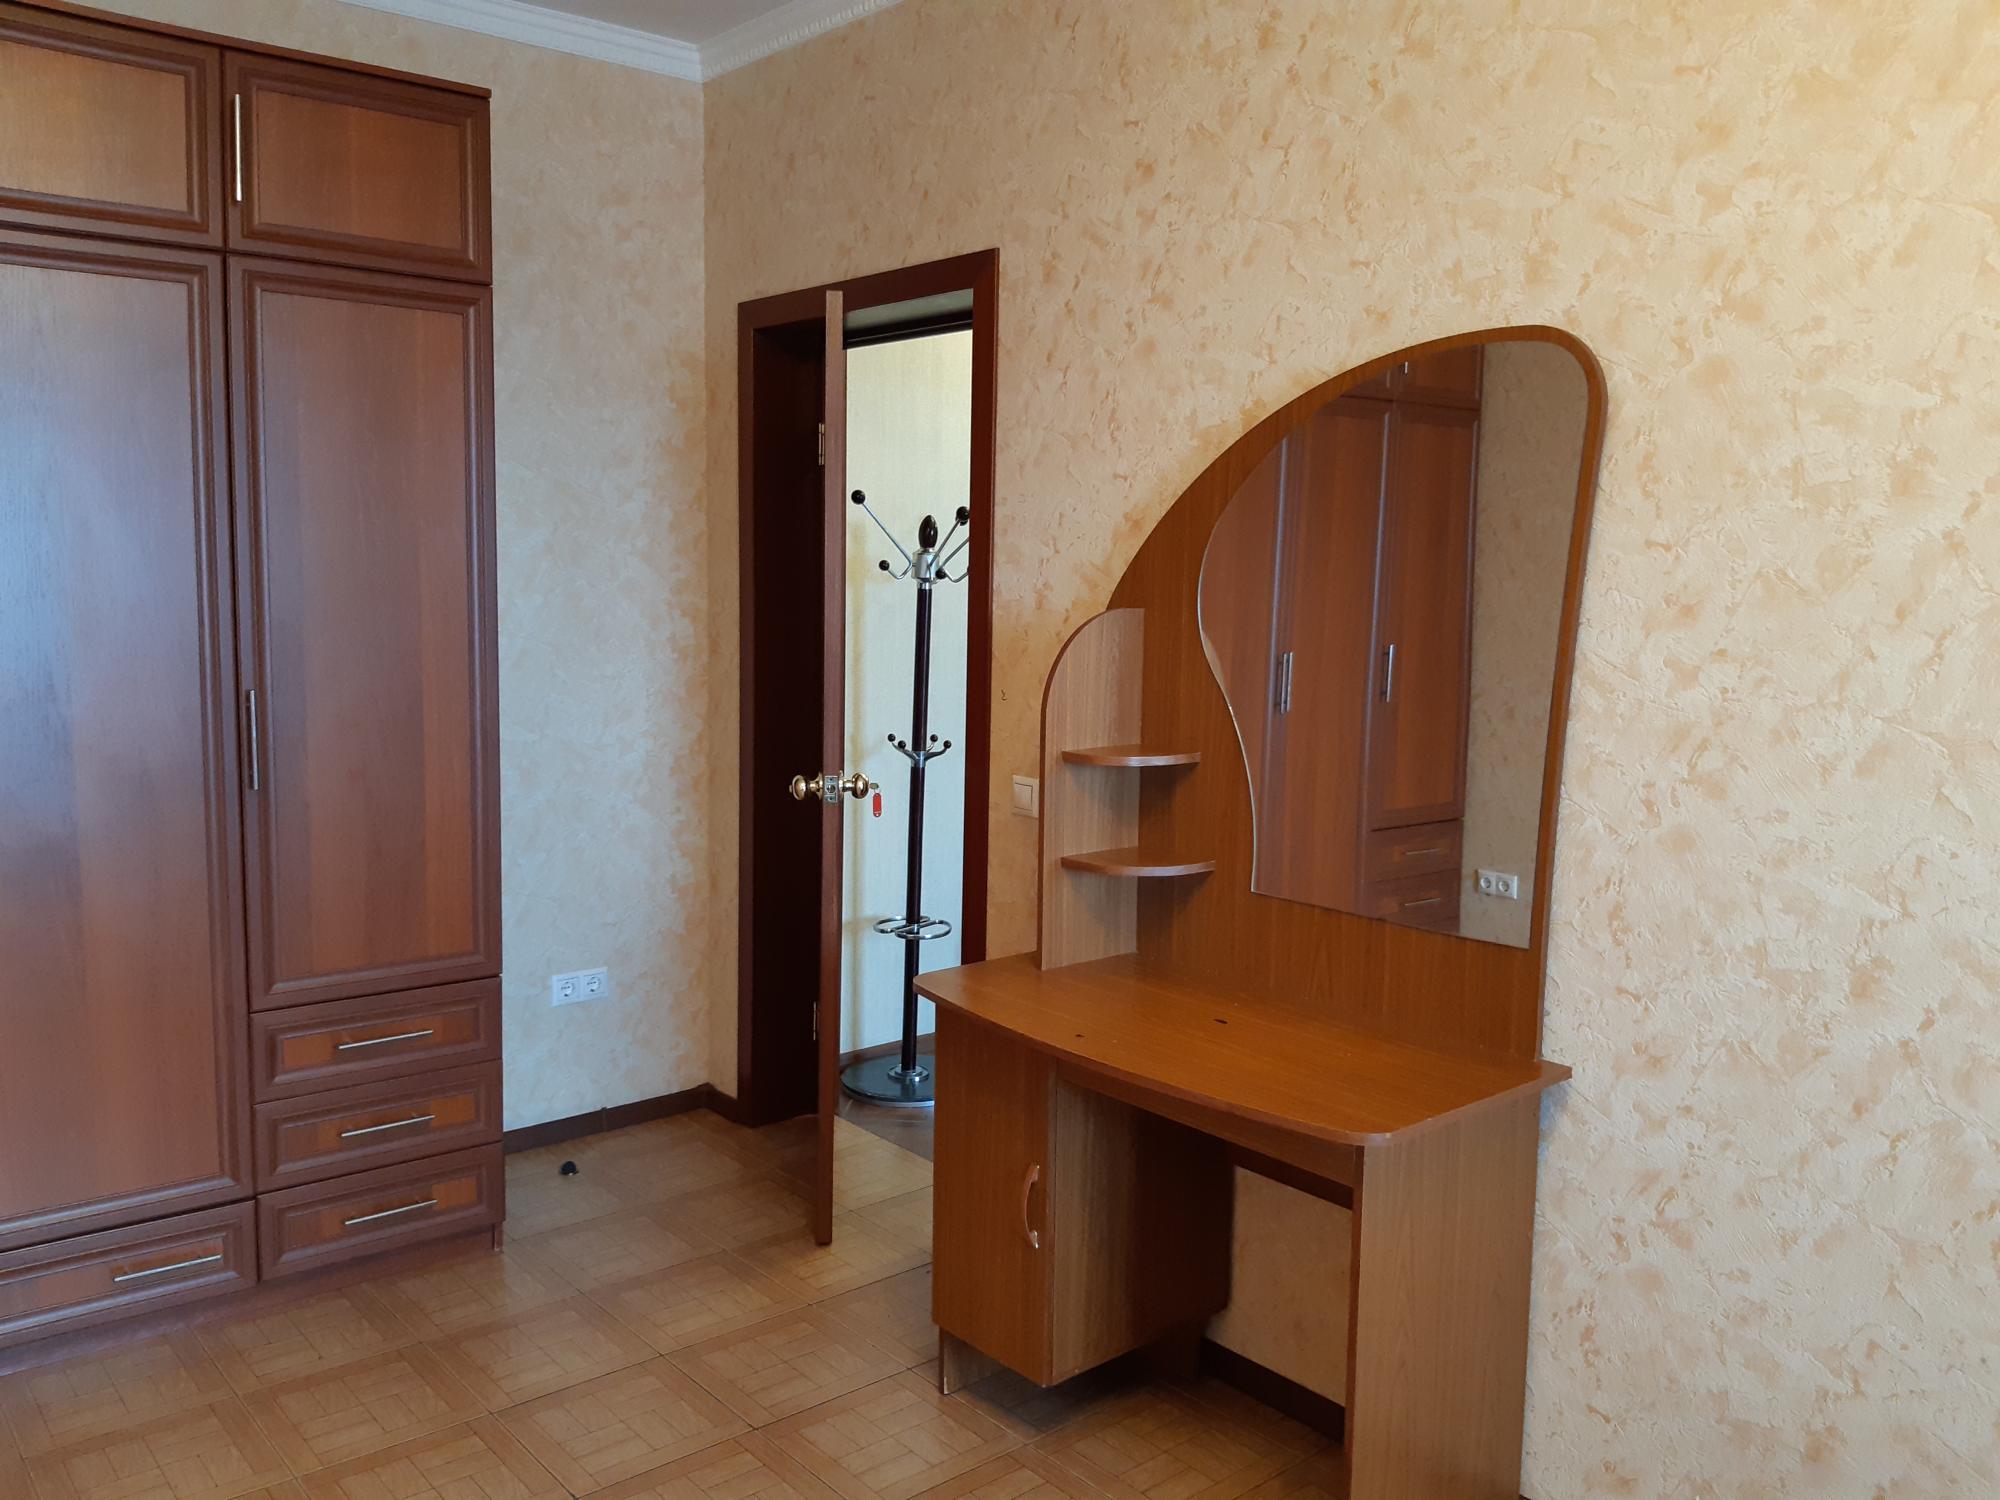 Квартира, 2 комнаты, 63.2 м² в Котельниках 89295674093 купить 8